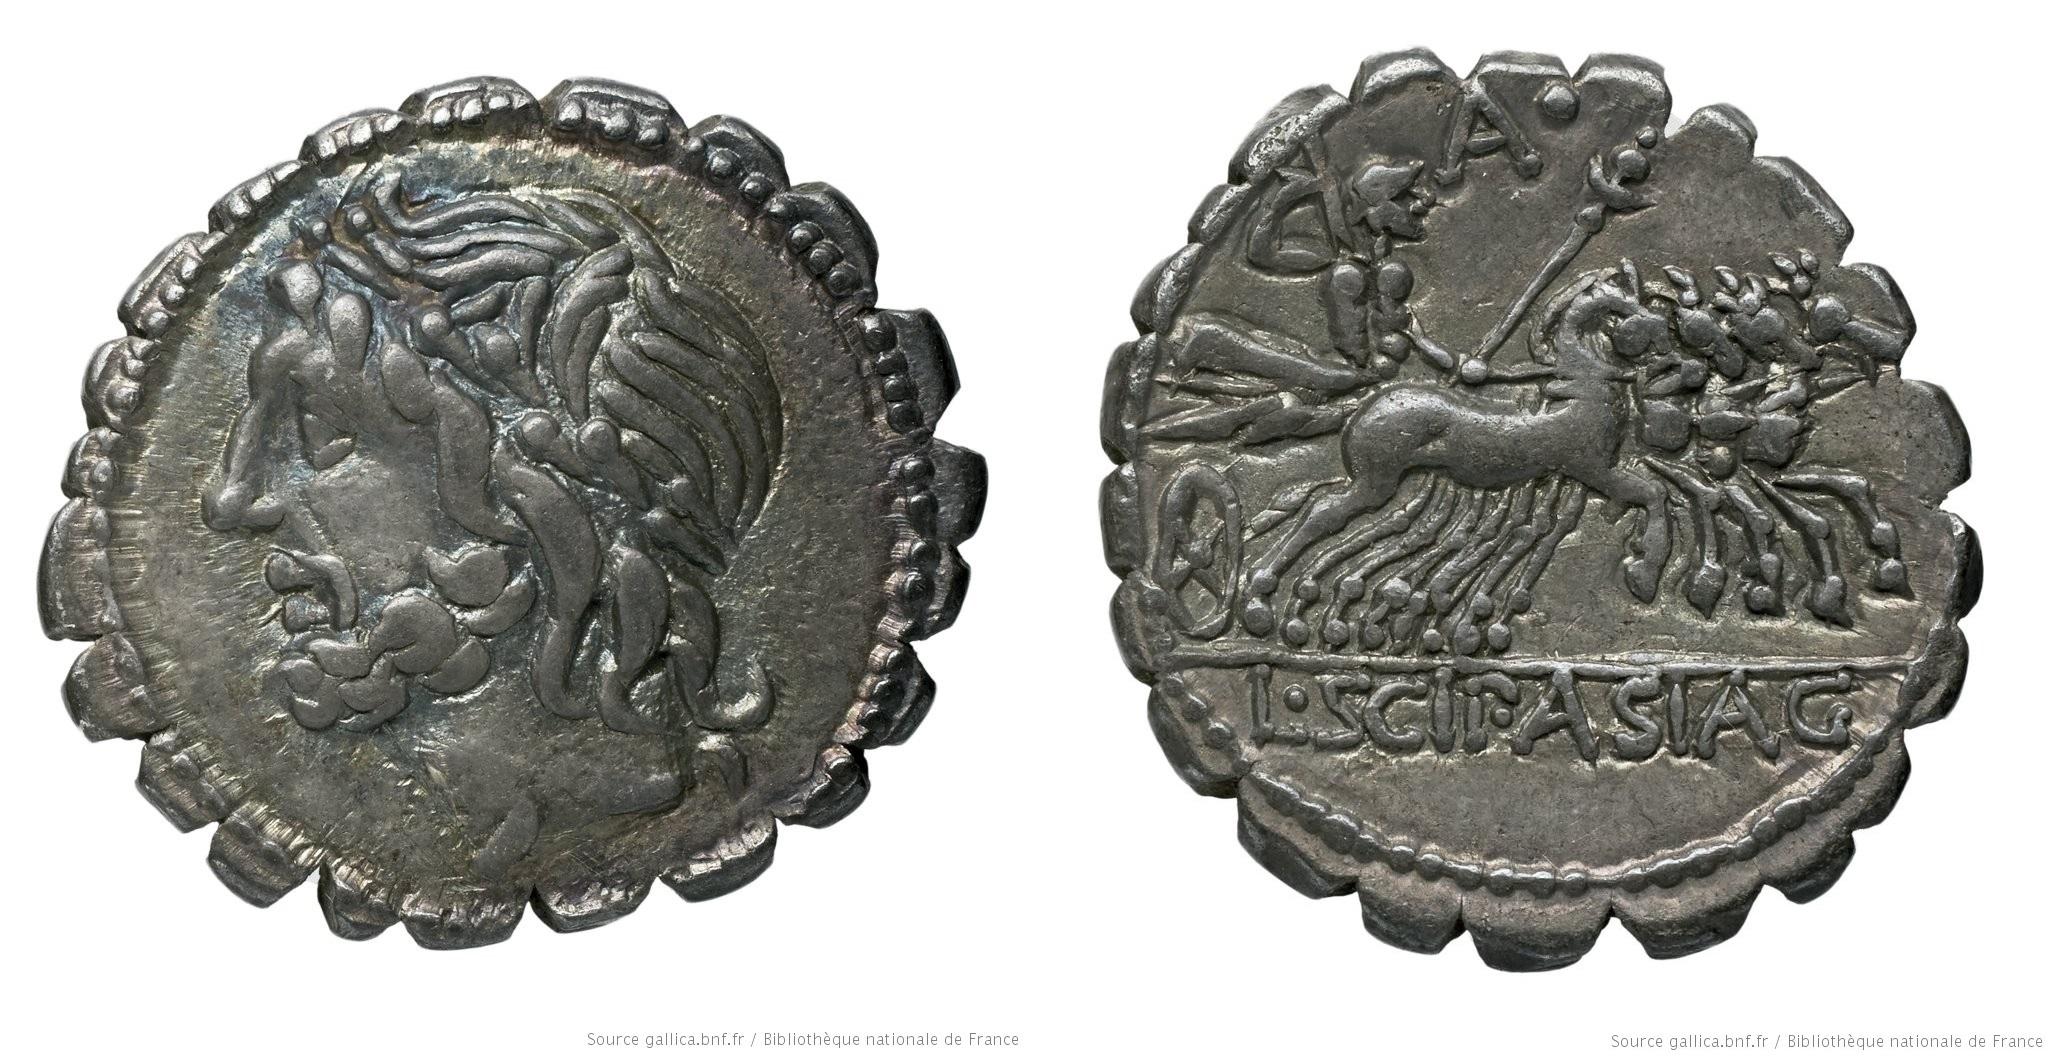 1132CO – Denier Serratus Cornelia – Lucius Cornelius Scipio Asiagenus